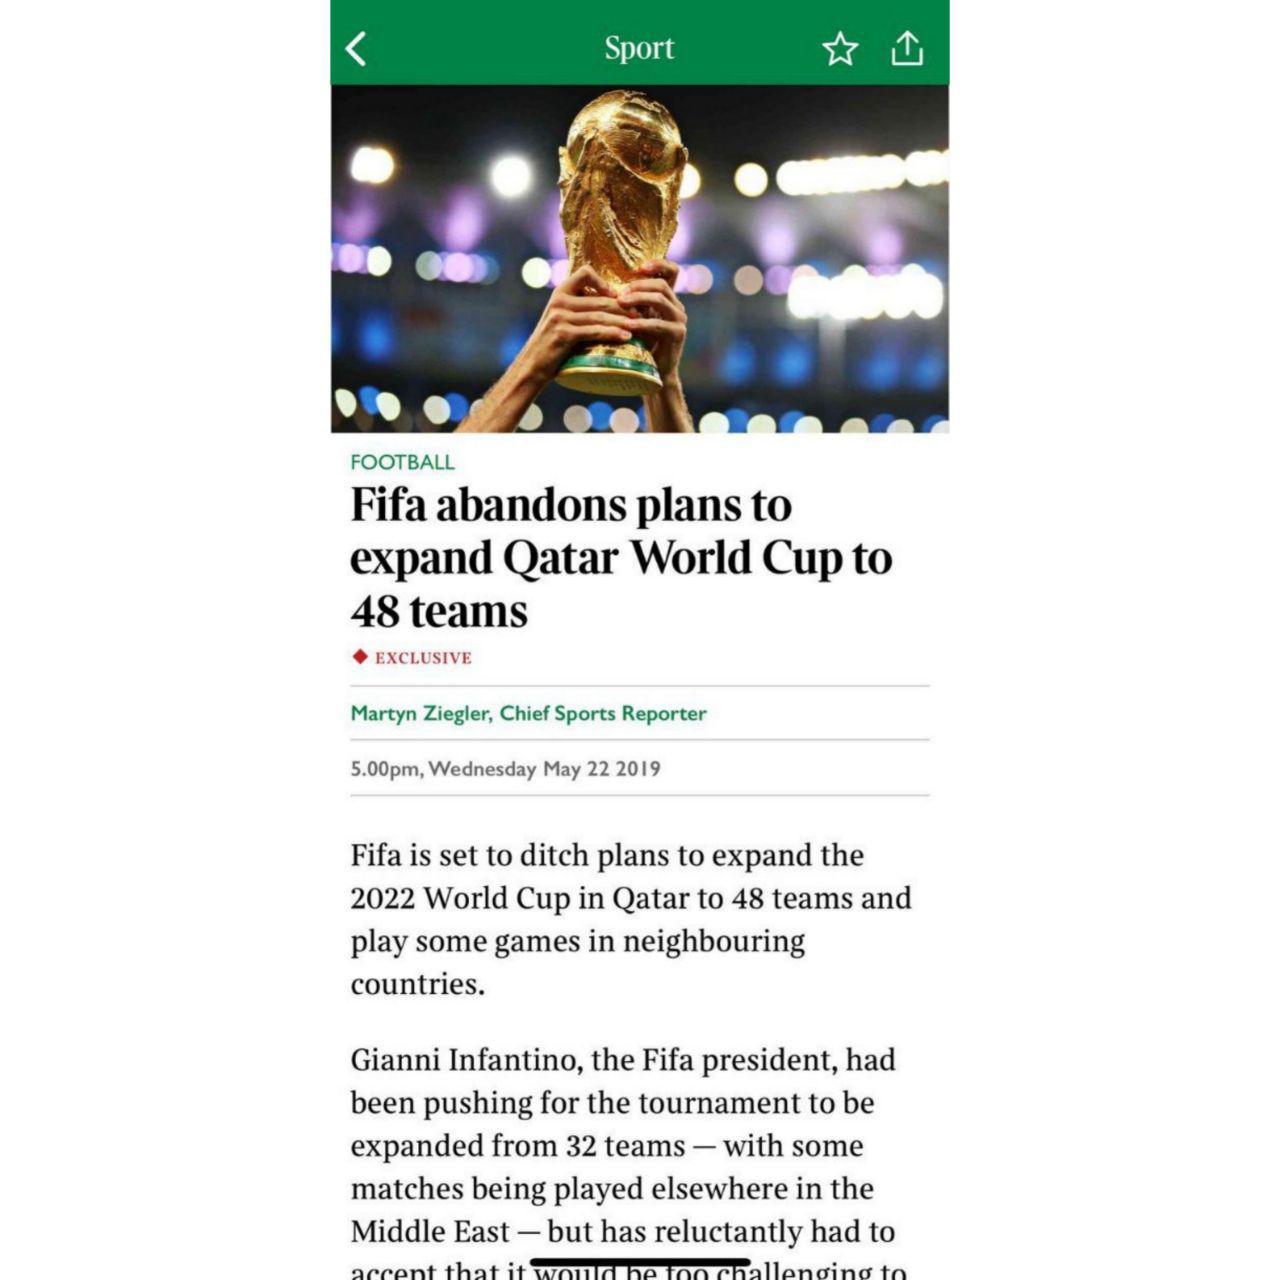 احتمال برگزاری جام جهانی فوتبال ۲۰۲۲ قطر با حضور ۳۲ تیم قوت گرفت